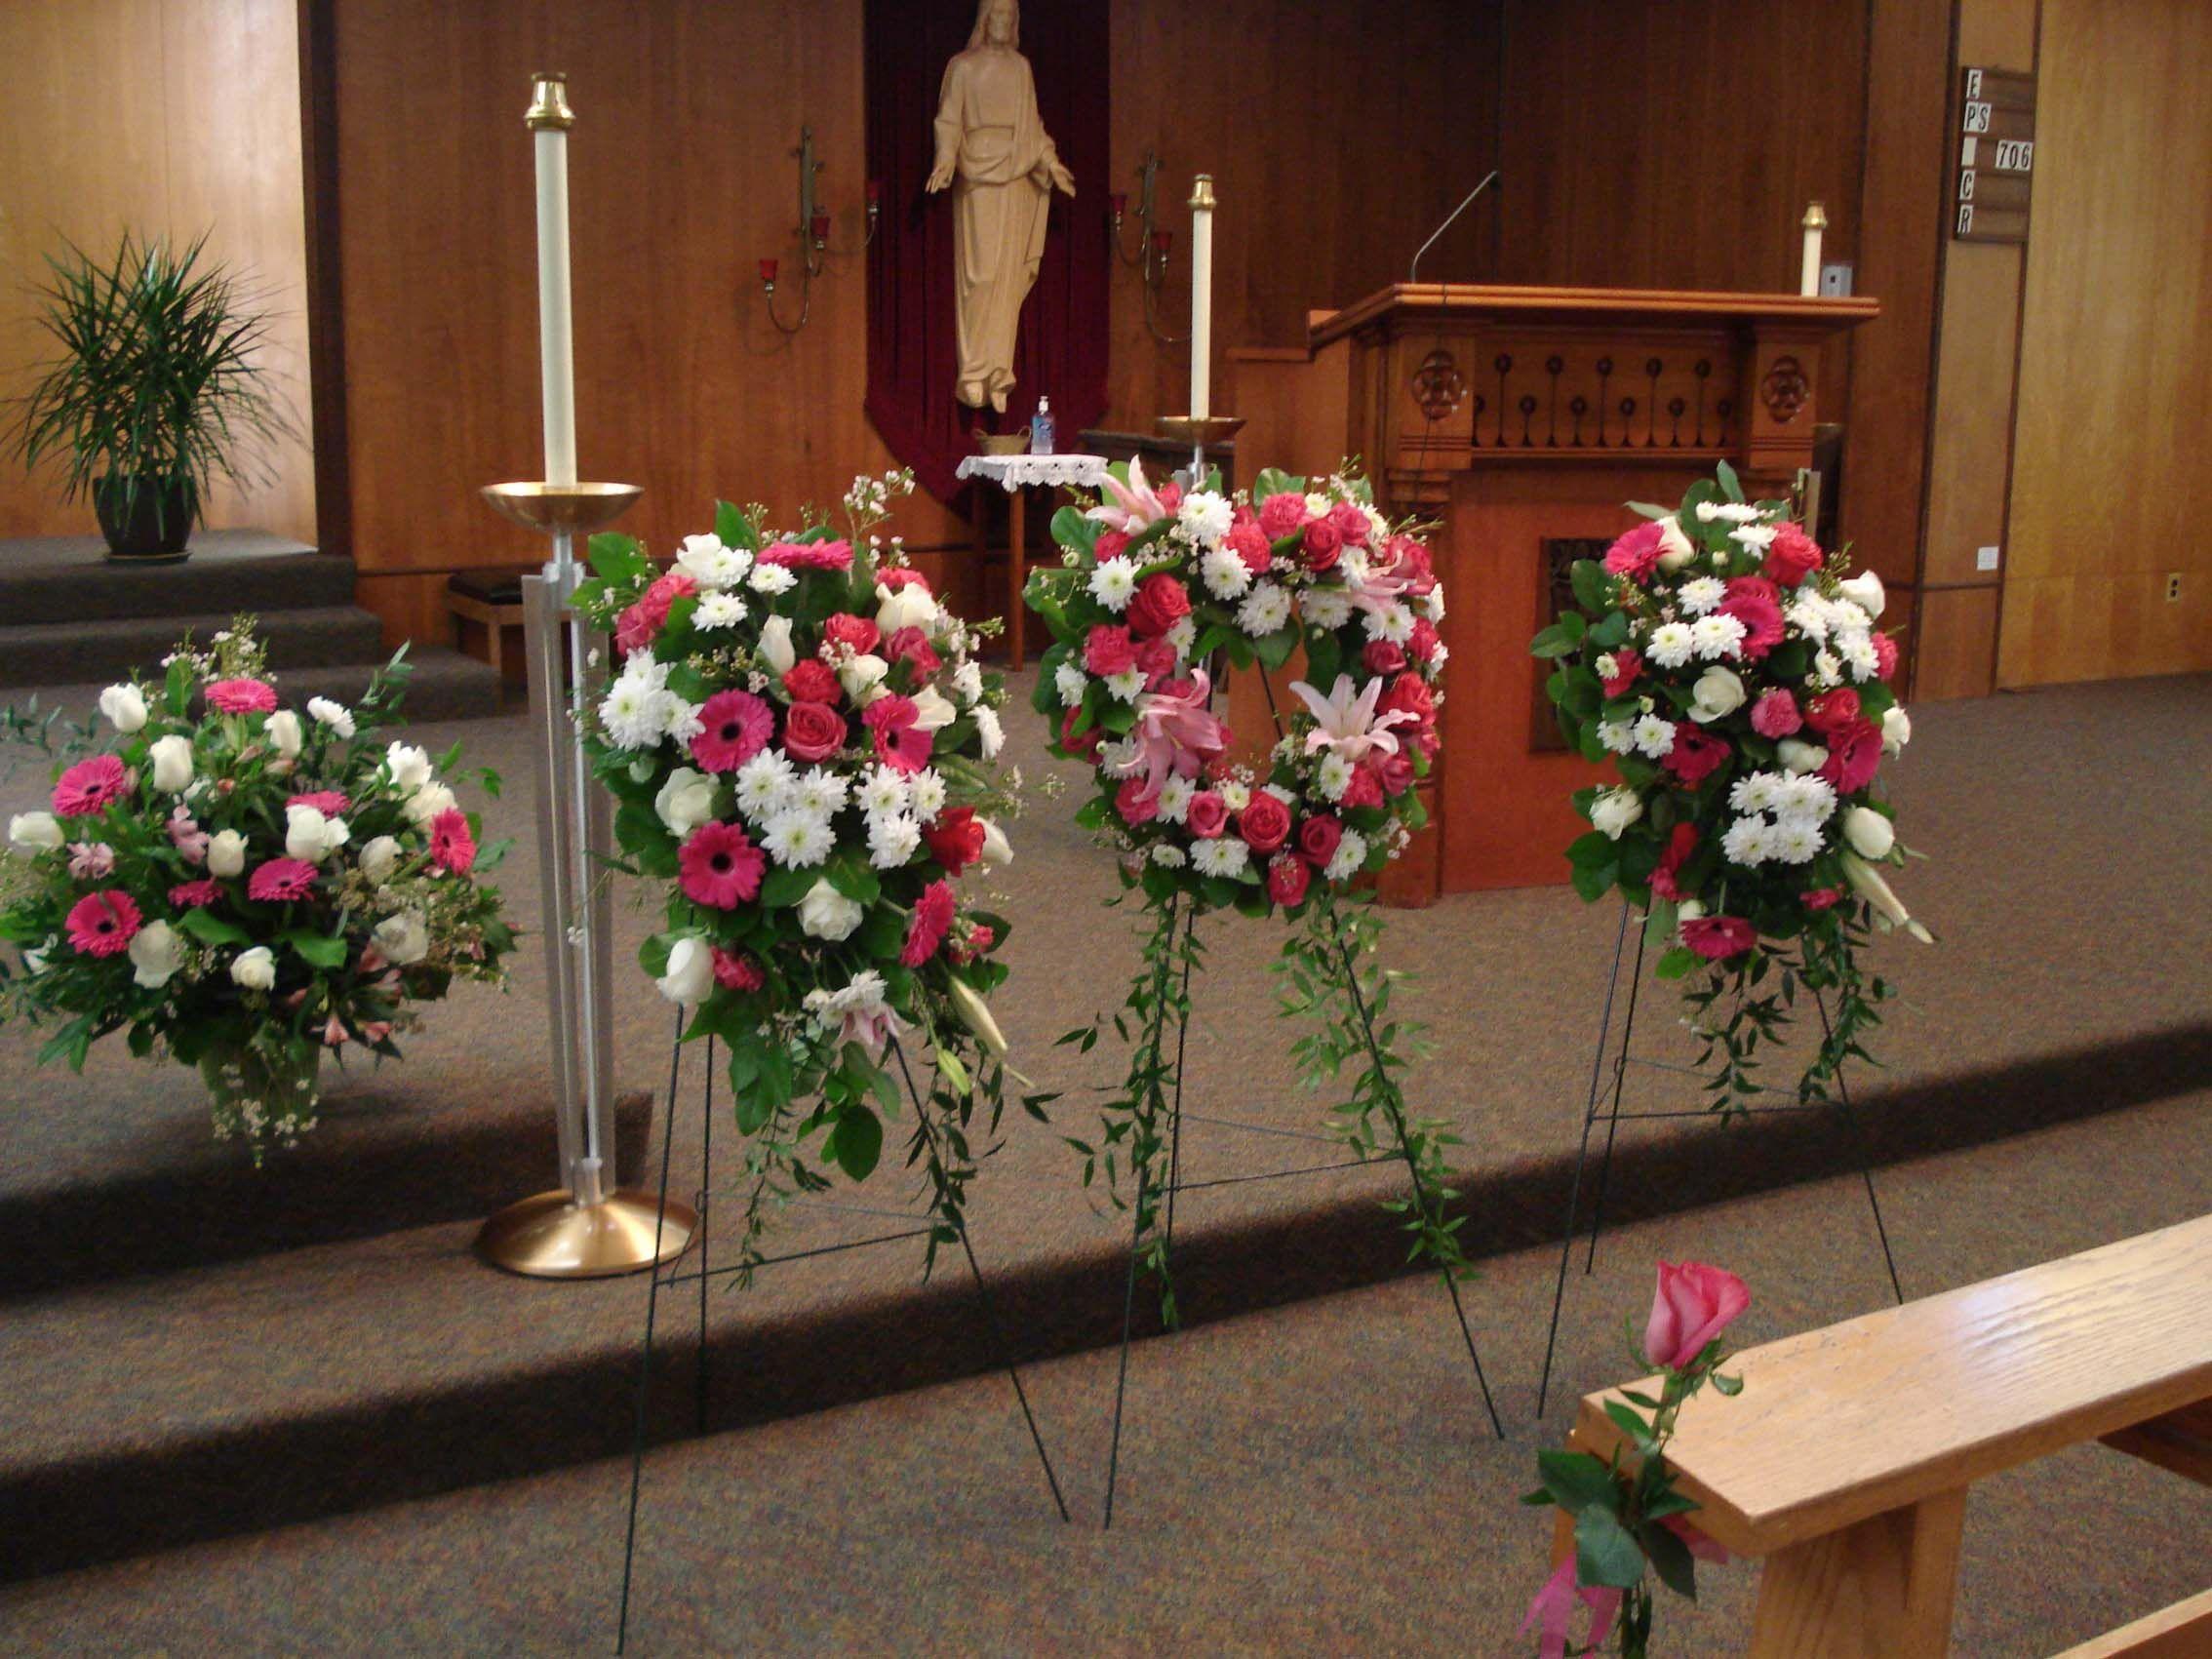 Funeral Sympathy flower arrangements Arrangements Sympathy